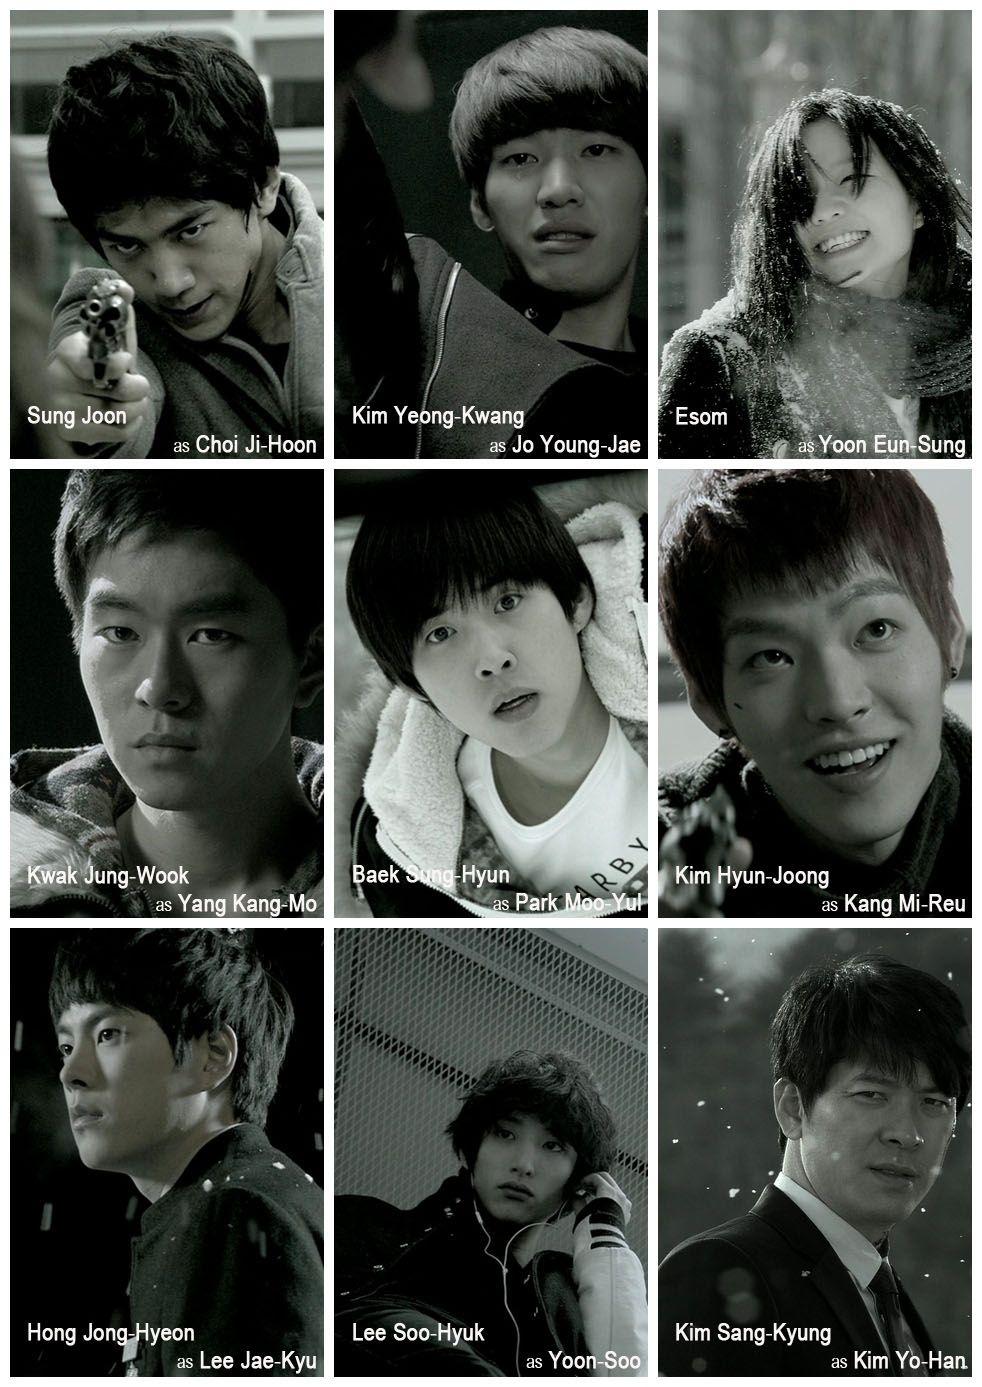 Pin by e.s on White Christmas (Korean Drama) | Pinterest | Drama ...